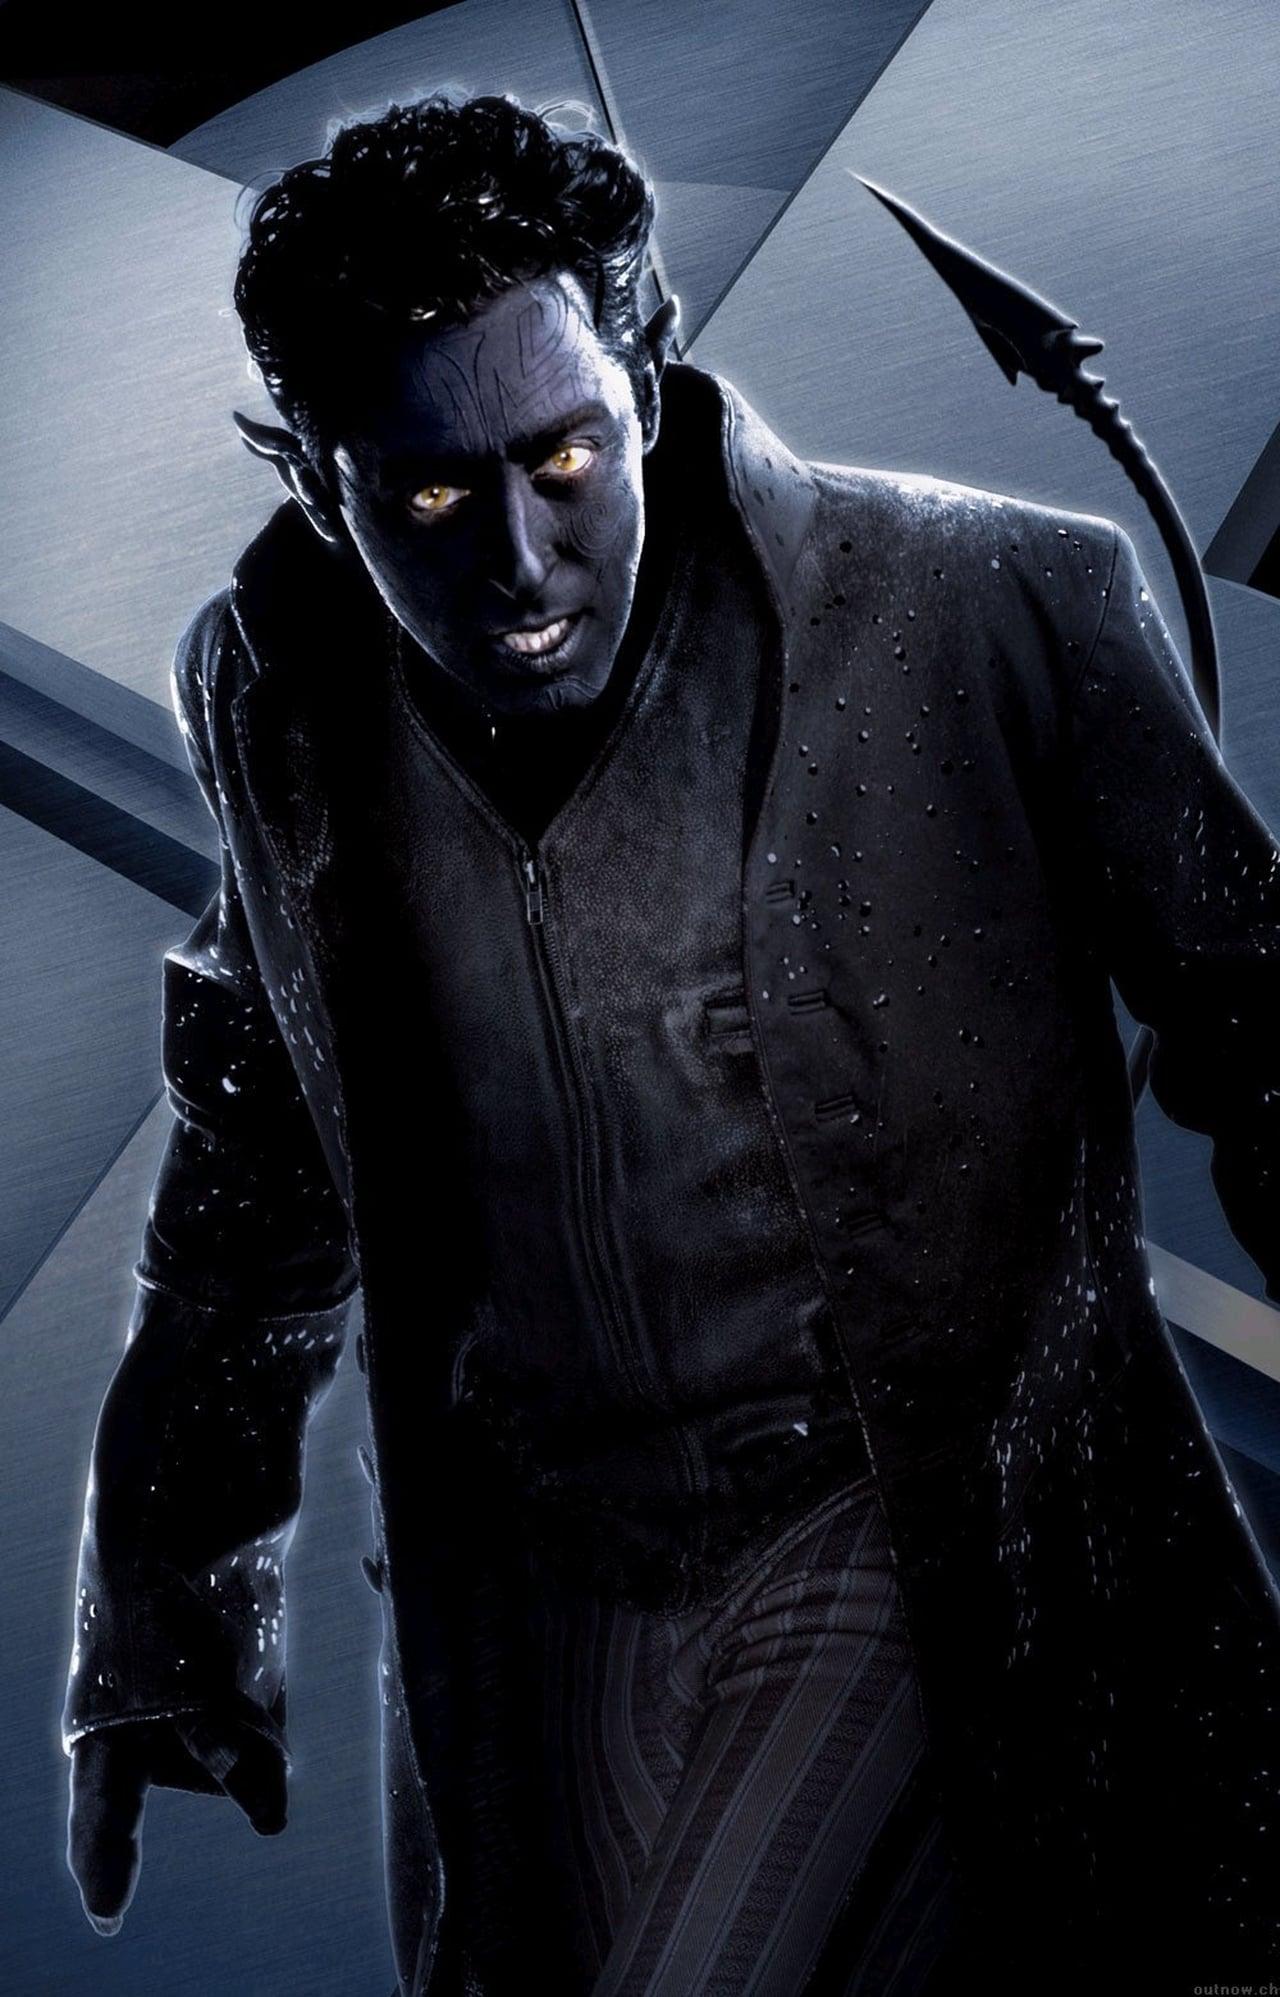 Introducing the Incredible Nightcrawler!